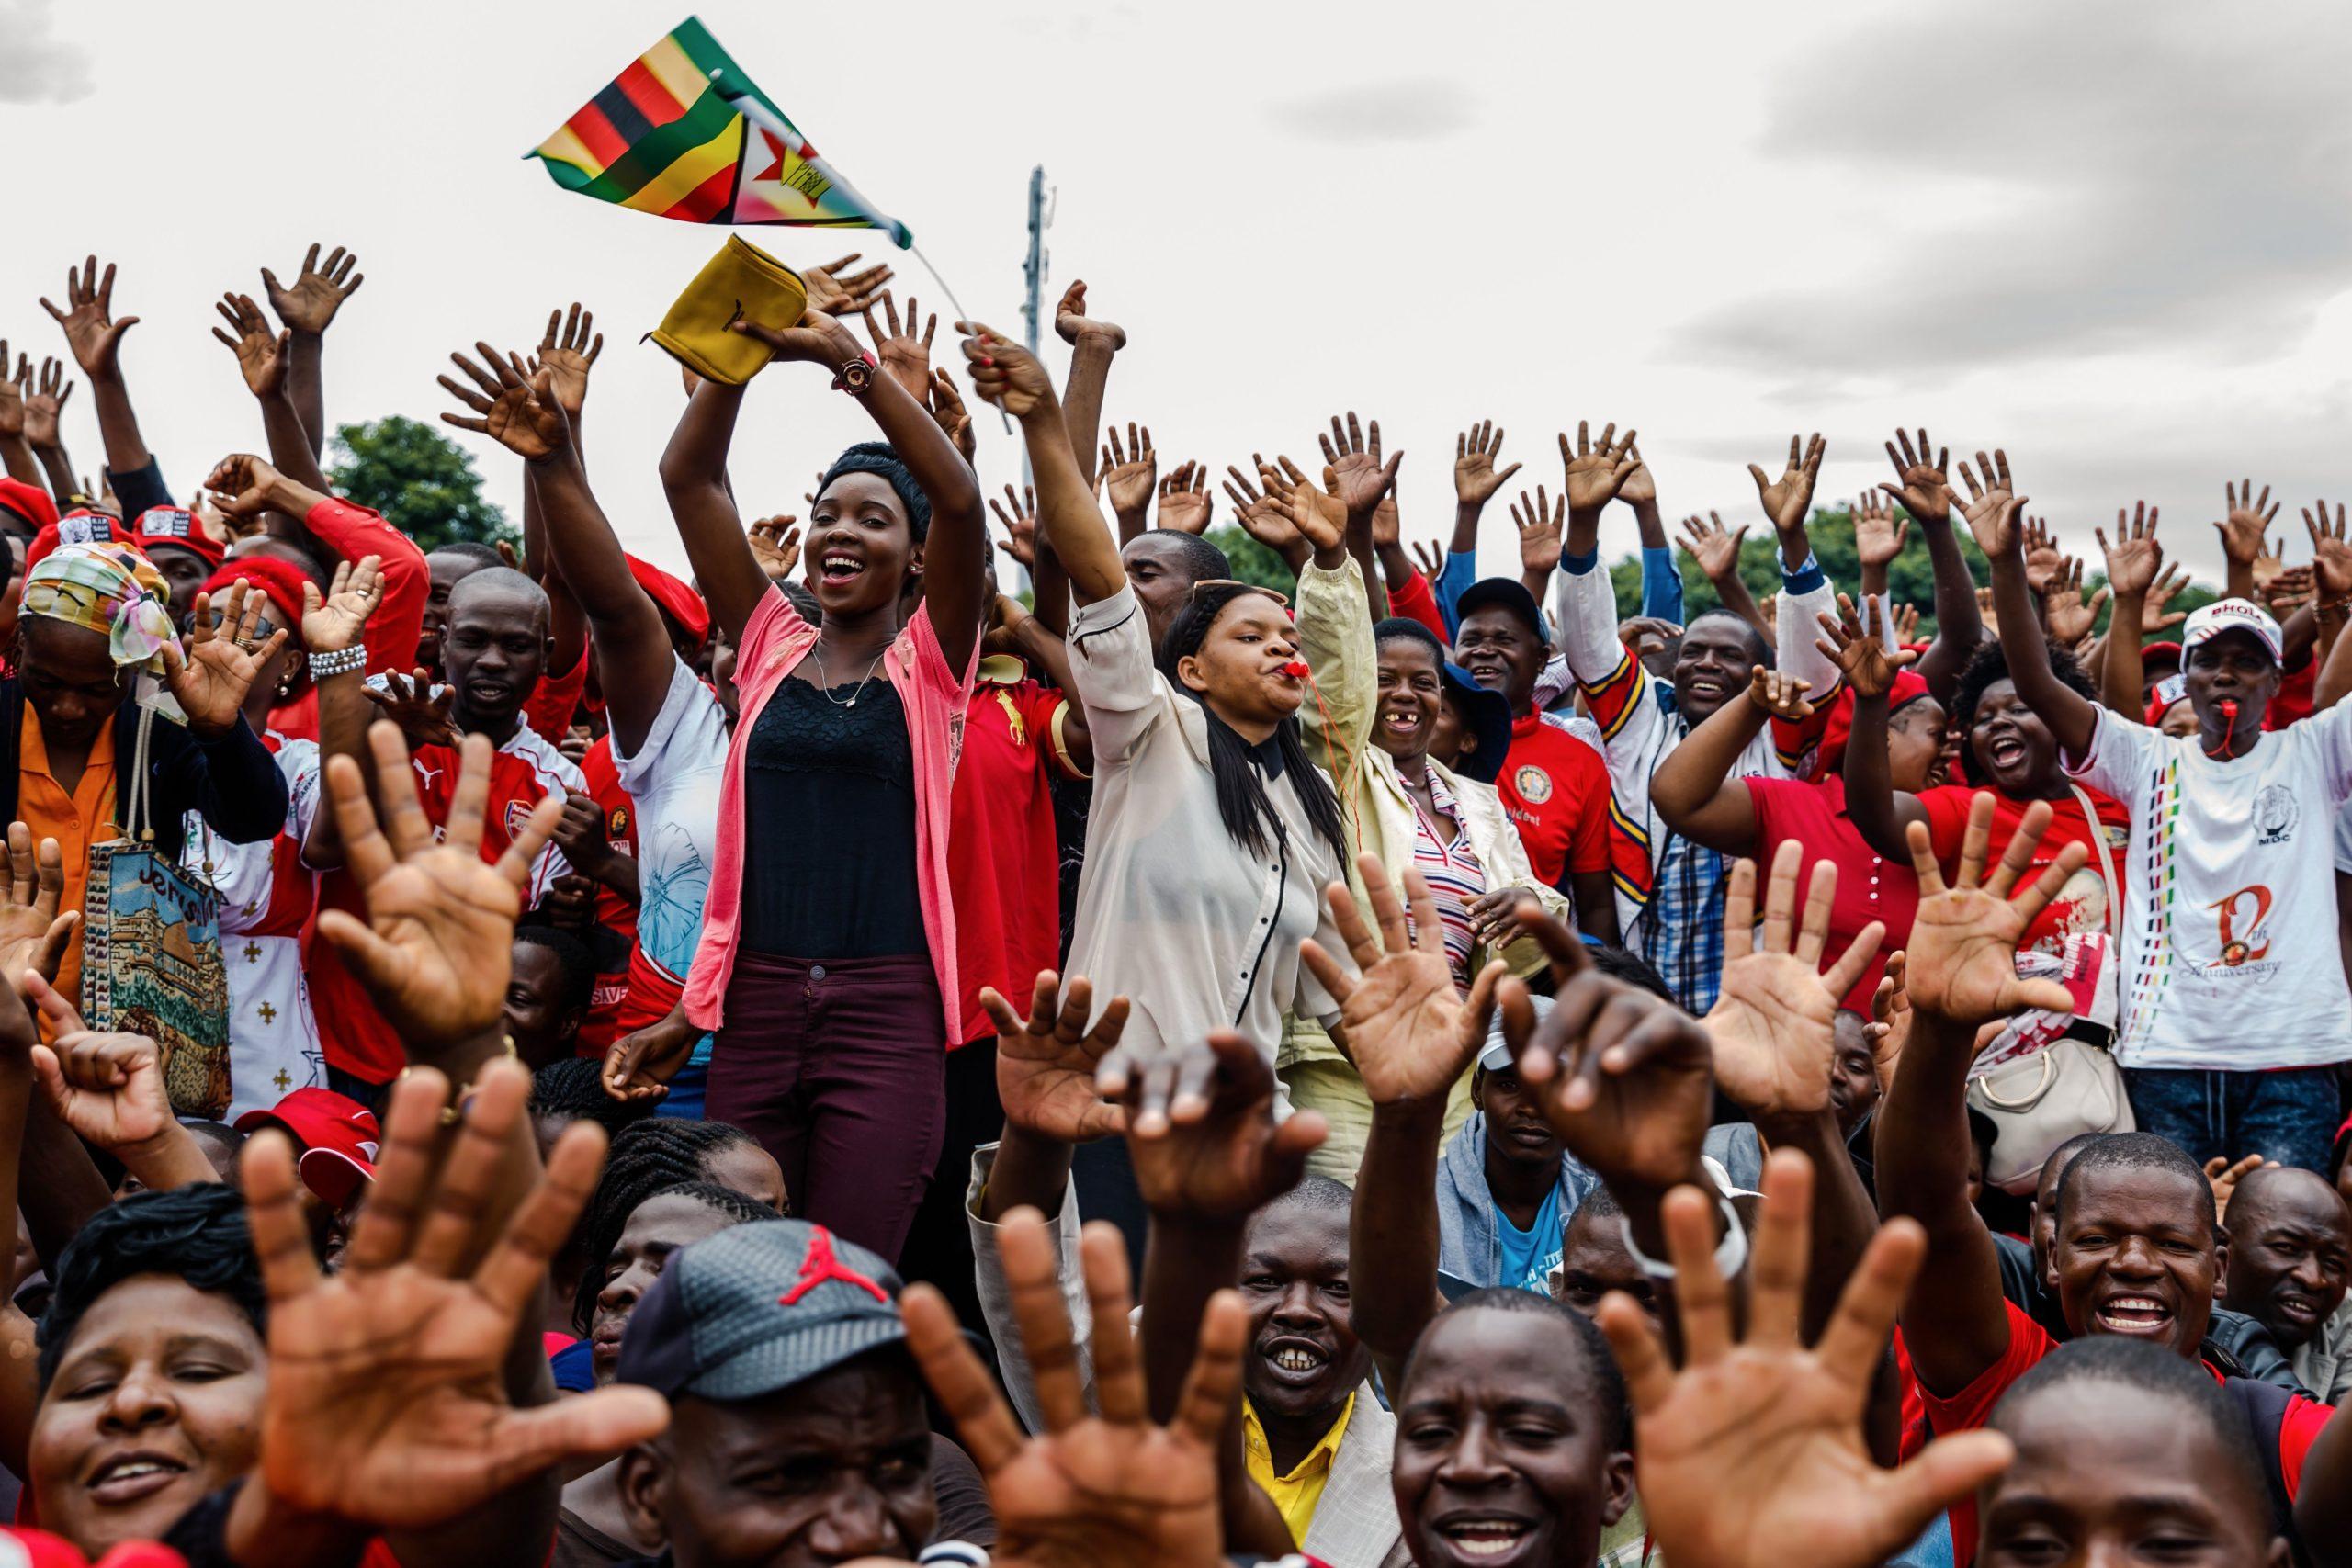 Urgent Action: Zimbabwe – Stop the persecution of three activists Joana Mamombe, Cecilia Chimbiri and Netsai Marova